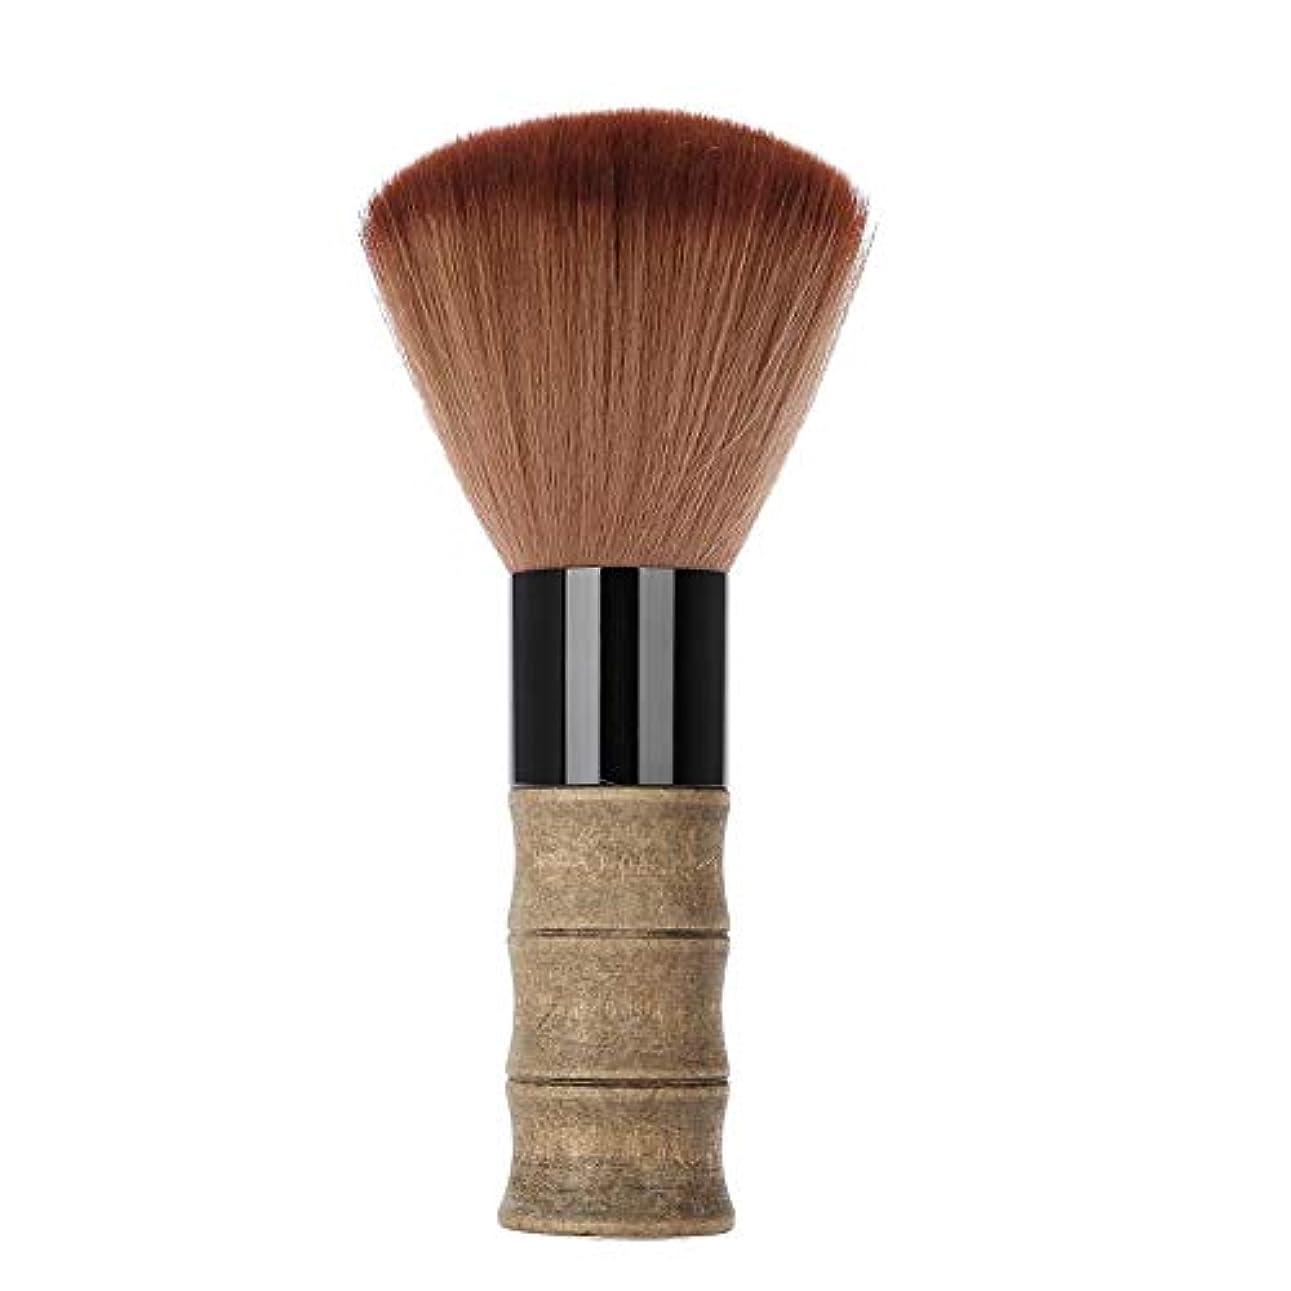 振る舞うブレーキ指標ヘアブラシ ヘアカット ヘアスポンジ ネック理髪店 掃除前髪 美容院 家用 携帯用